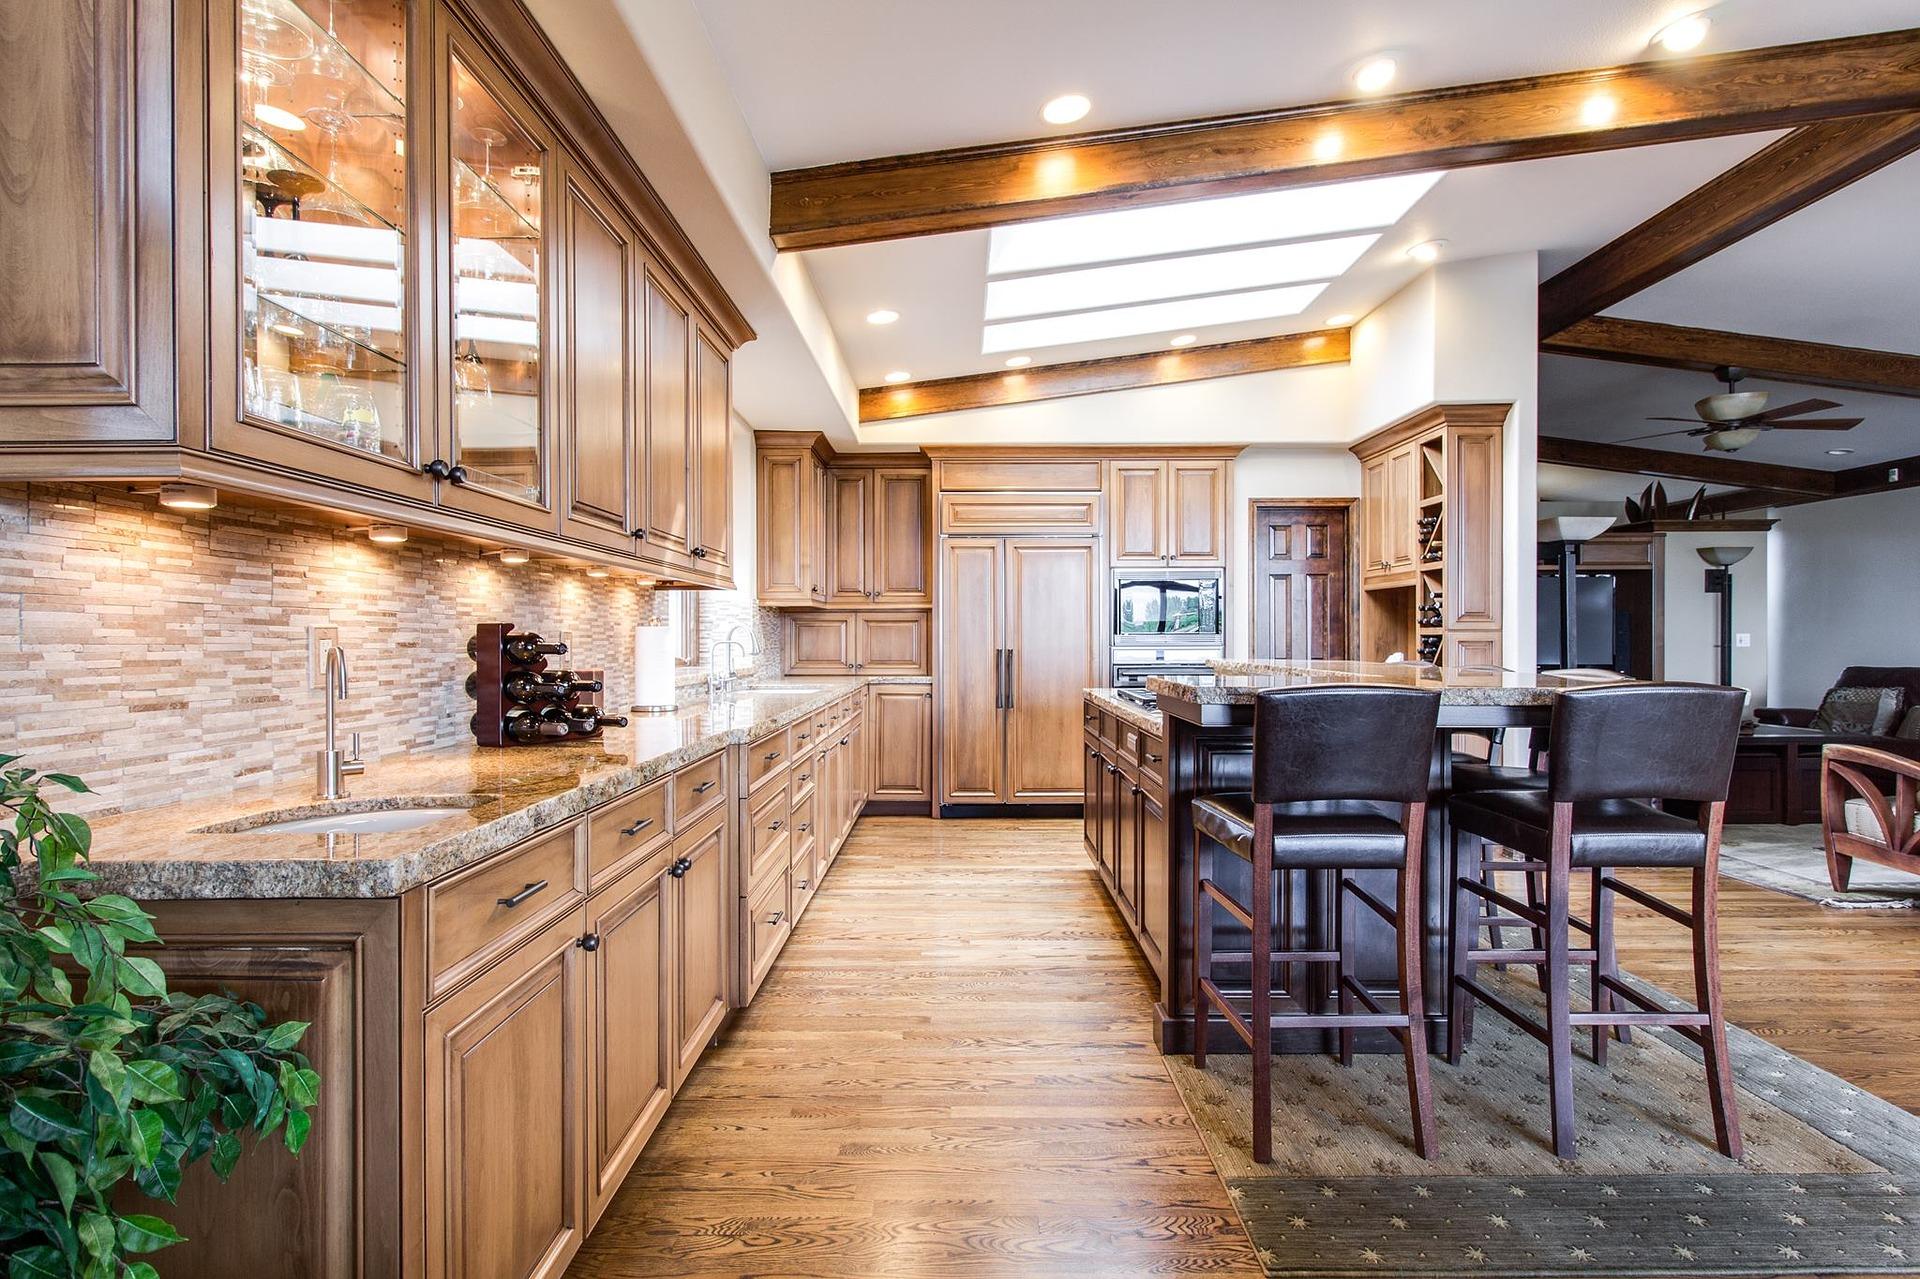 Ihre neue Küche aus Echtholz